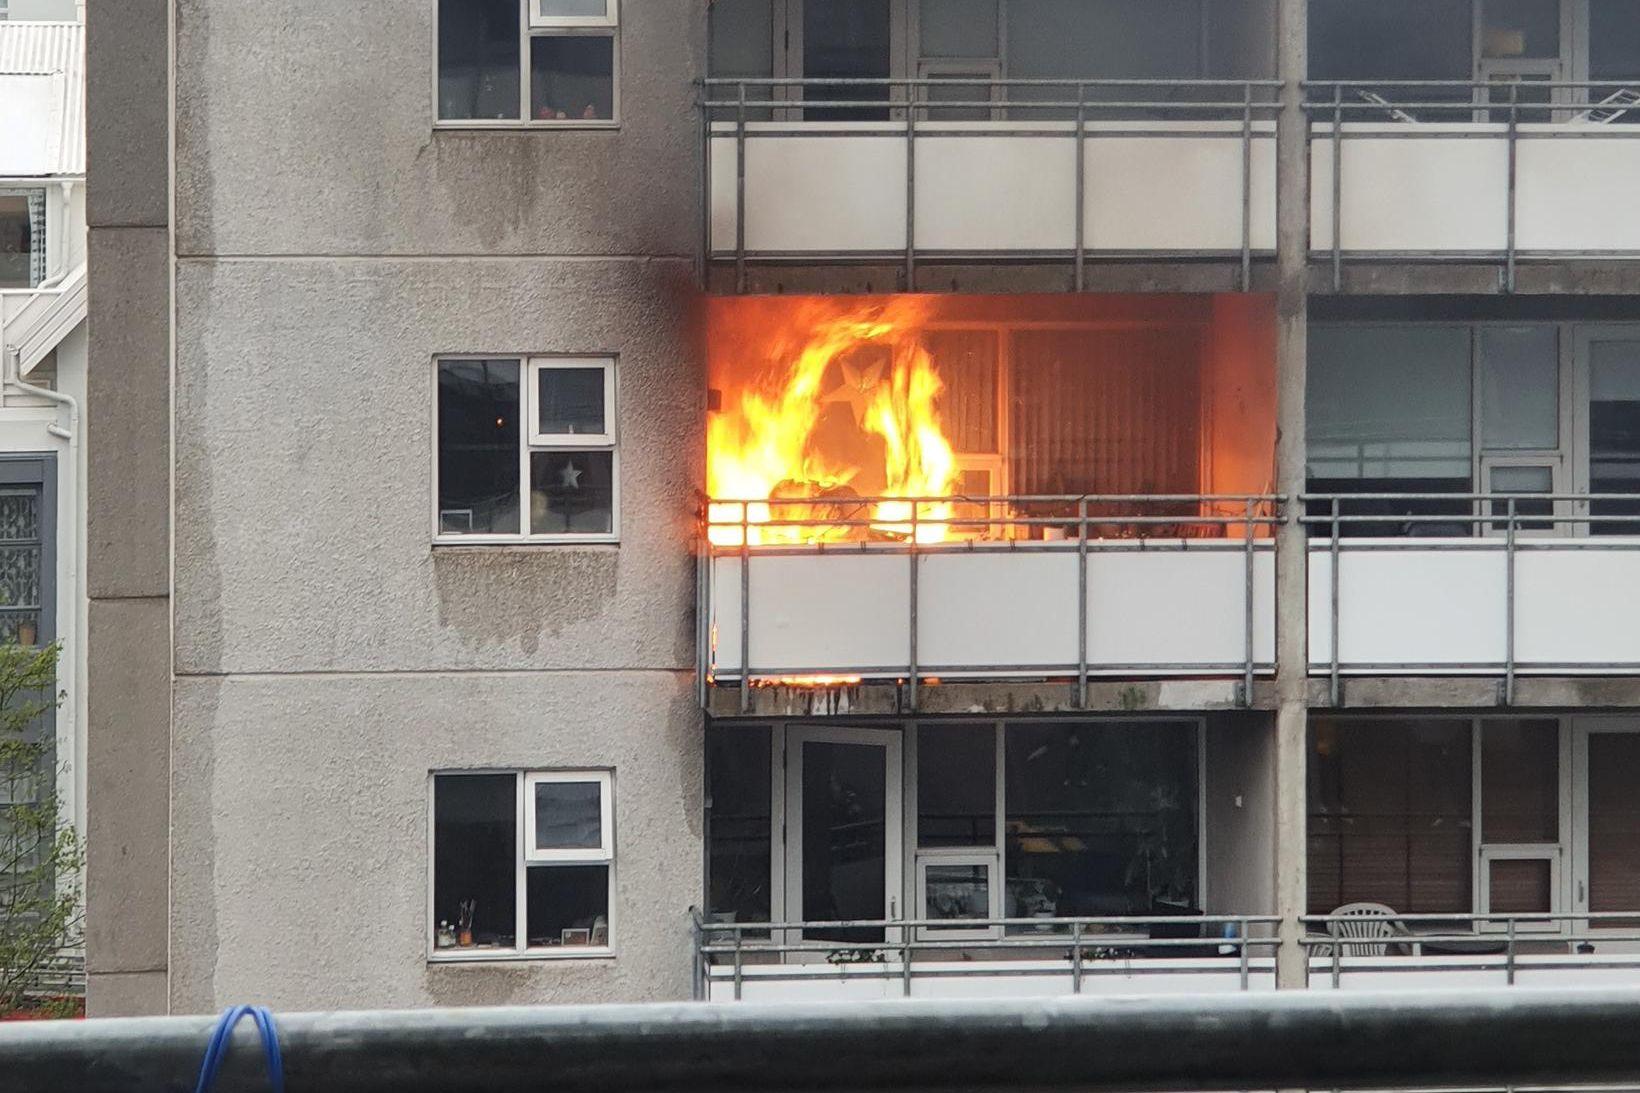 Um hressilegan eld var að ræða, að sögn varðstjóra.